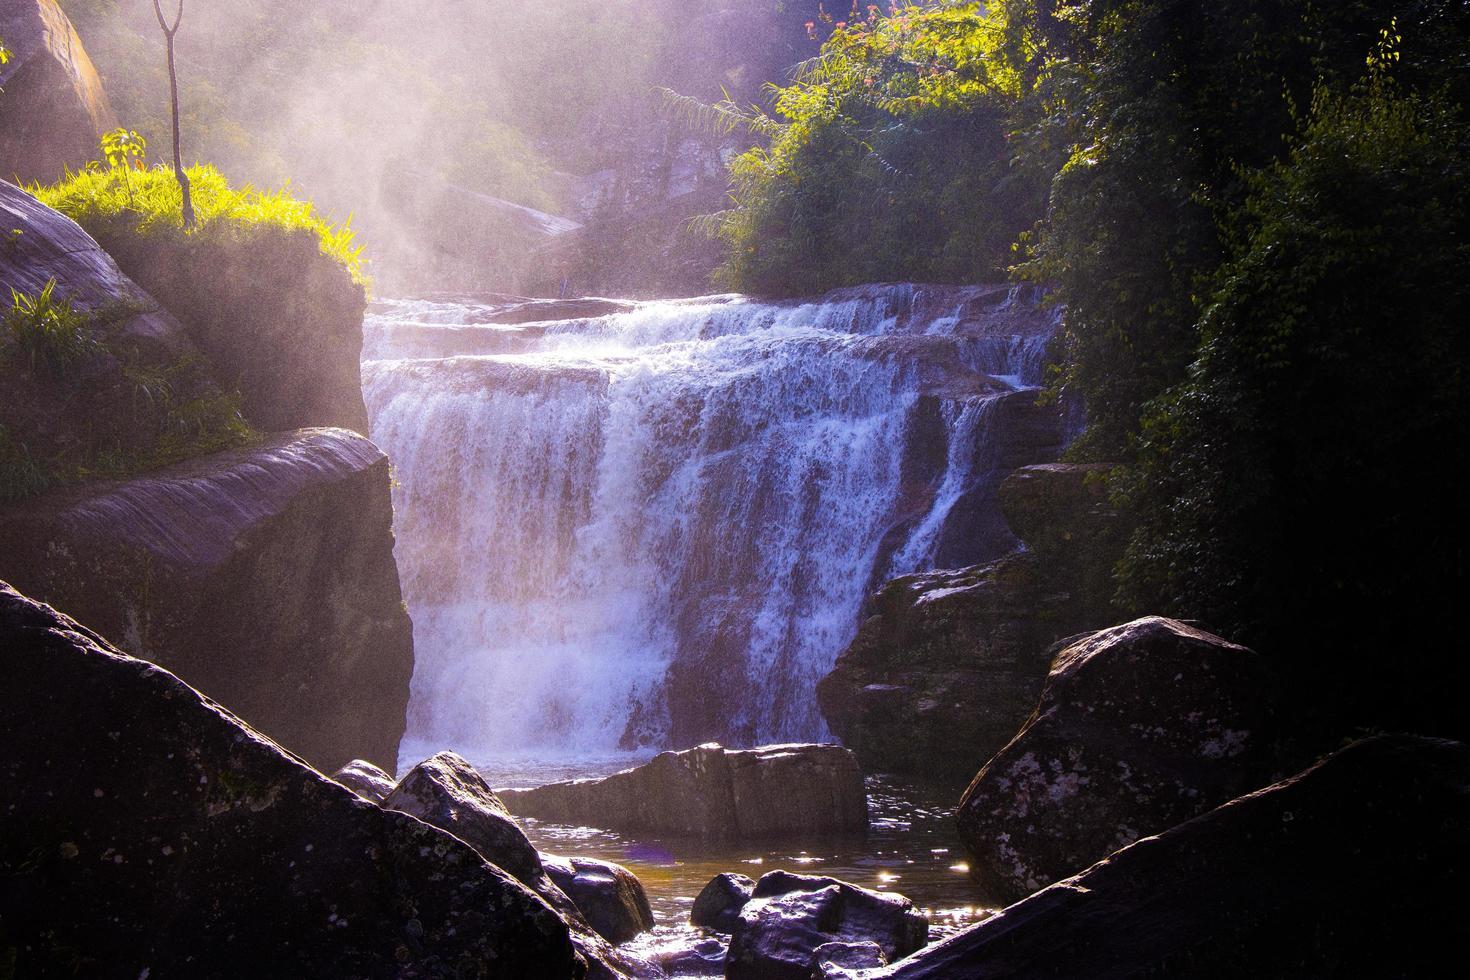 cascade entourée d'herbe et de rochers photo